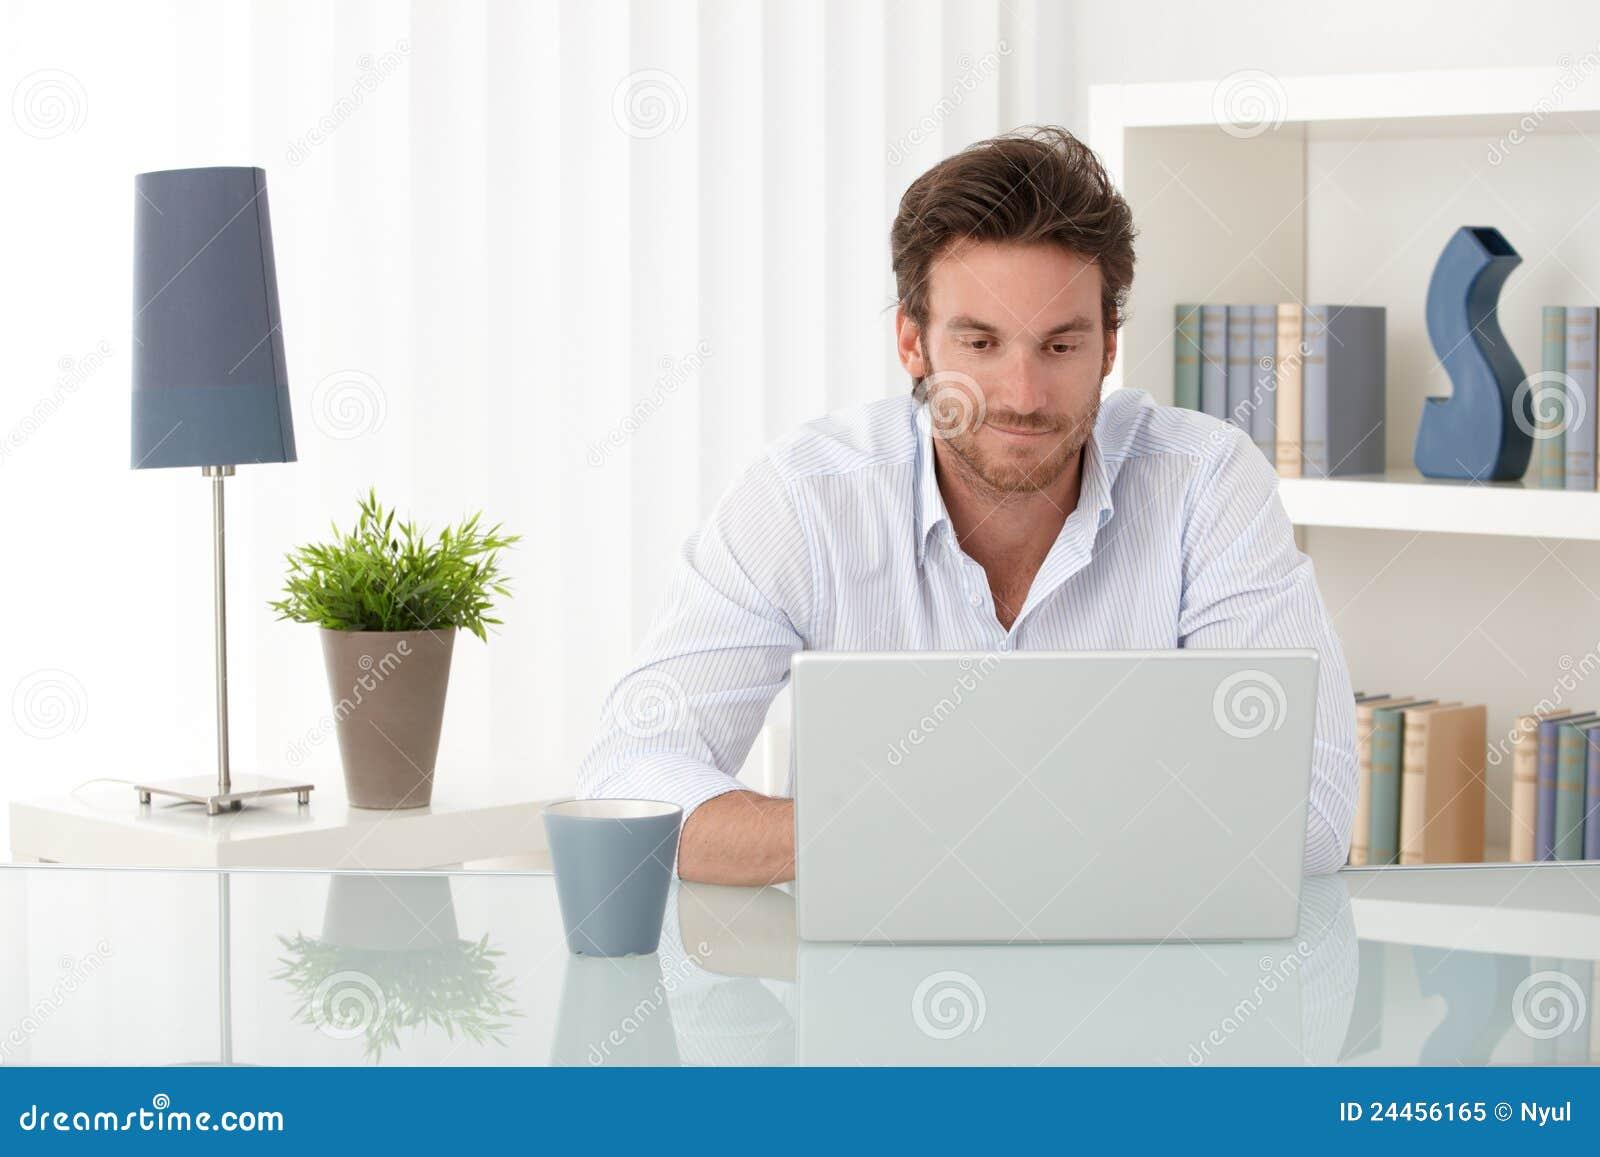 Stattlicher Mann Mit Computer Zu Hause Lizenzfreies ...